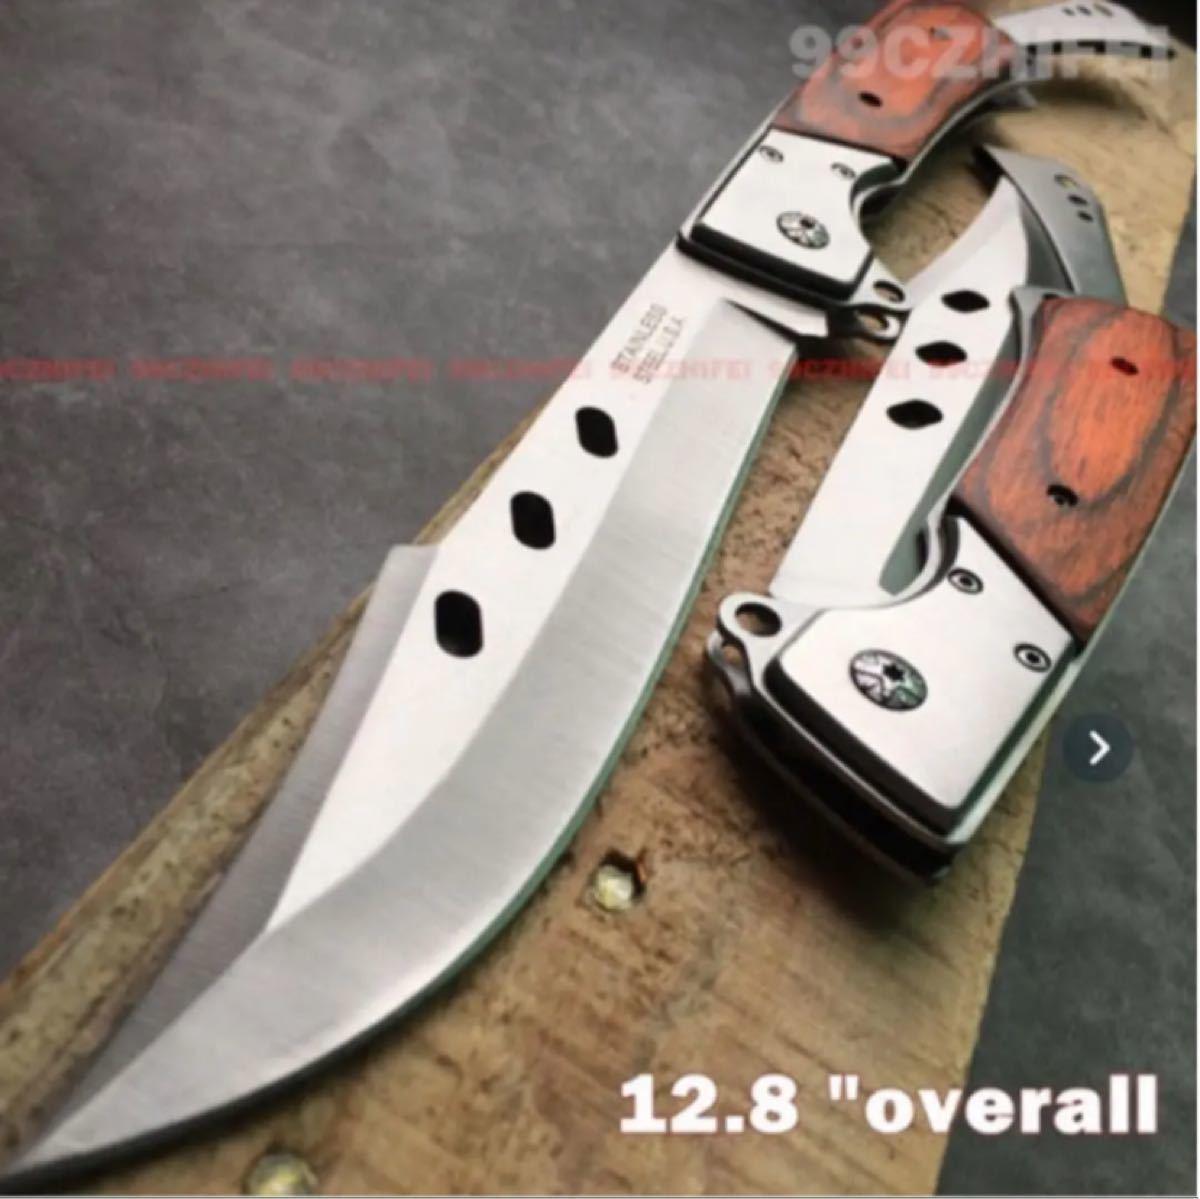 折りたたみナイフ サバイバルナイフ シースナイフ アウトドアナイフ